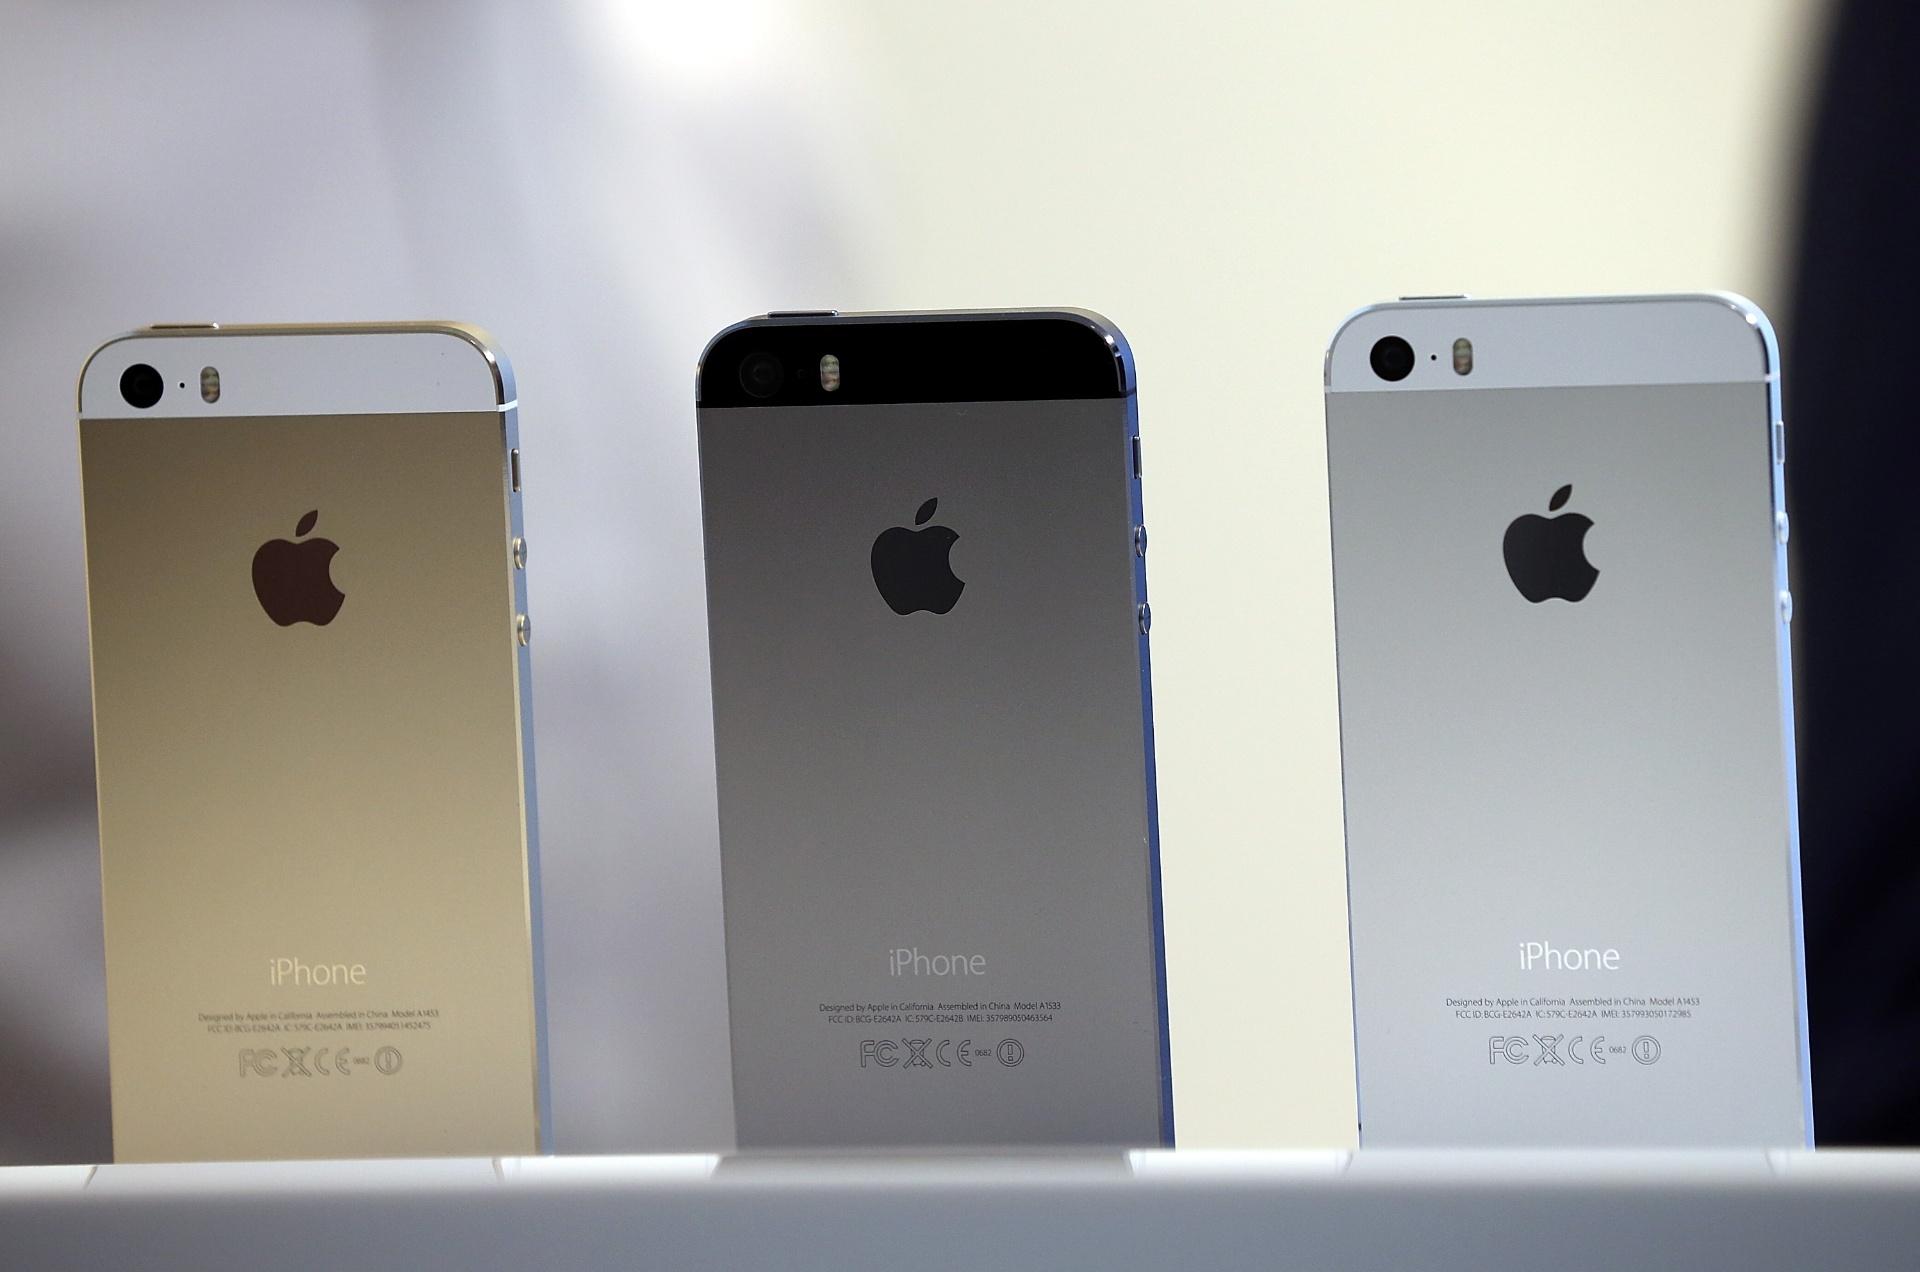 Fotos: iPhone 5s: veja o que dá para comprar com o preço do novo smartphone da Apple - 21/11/2013 - UOL Tecnologia